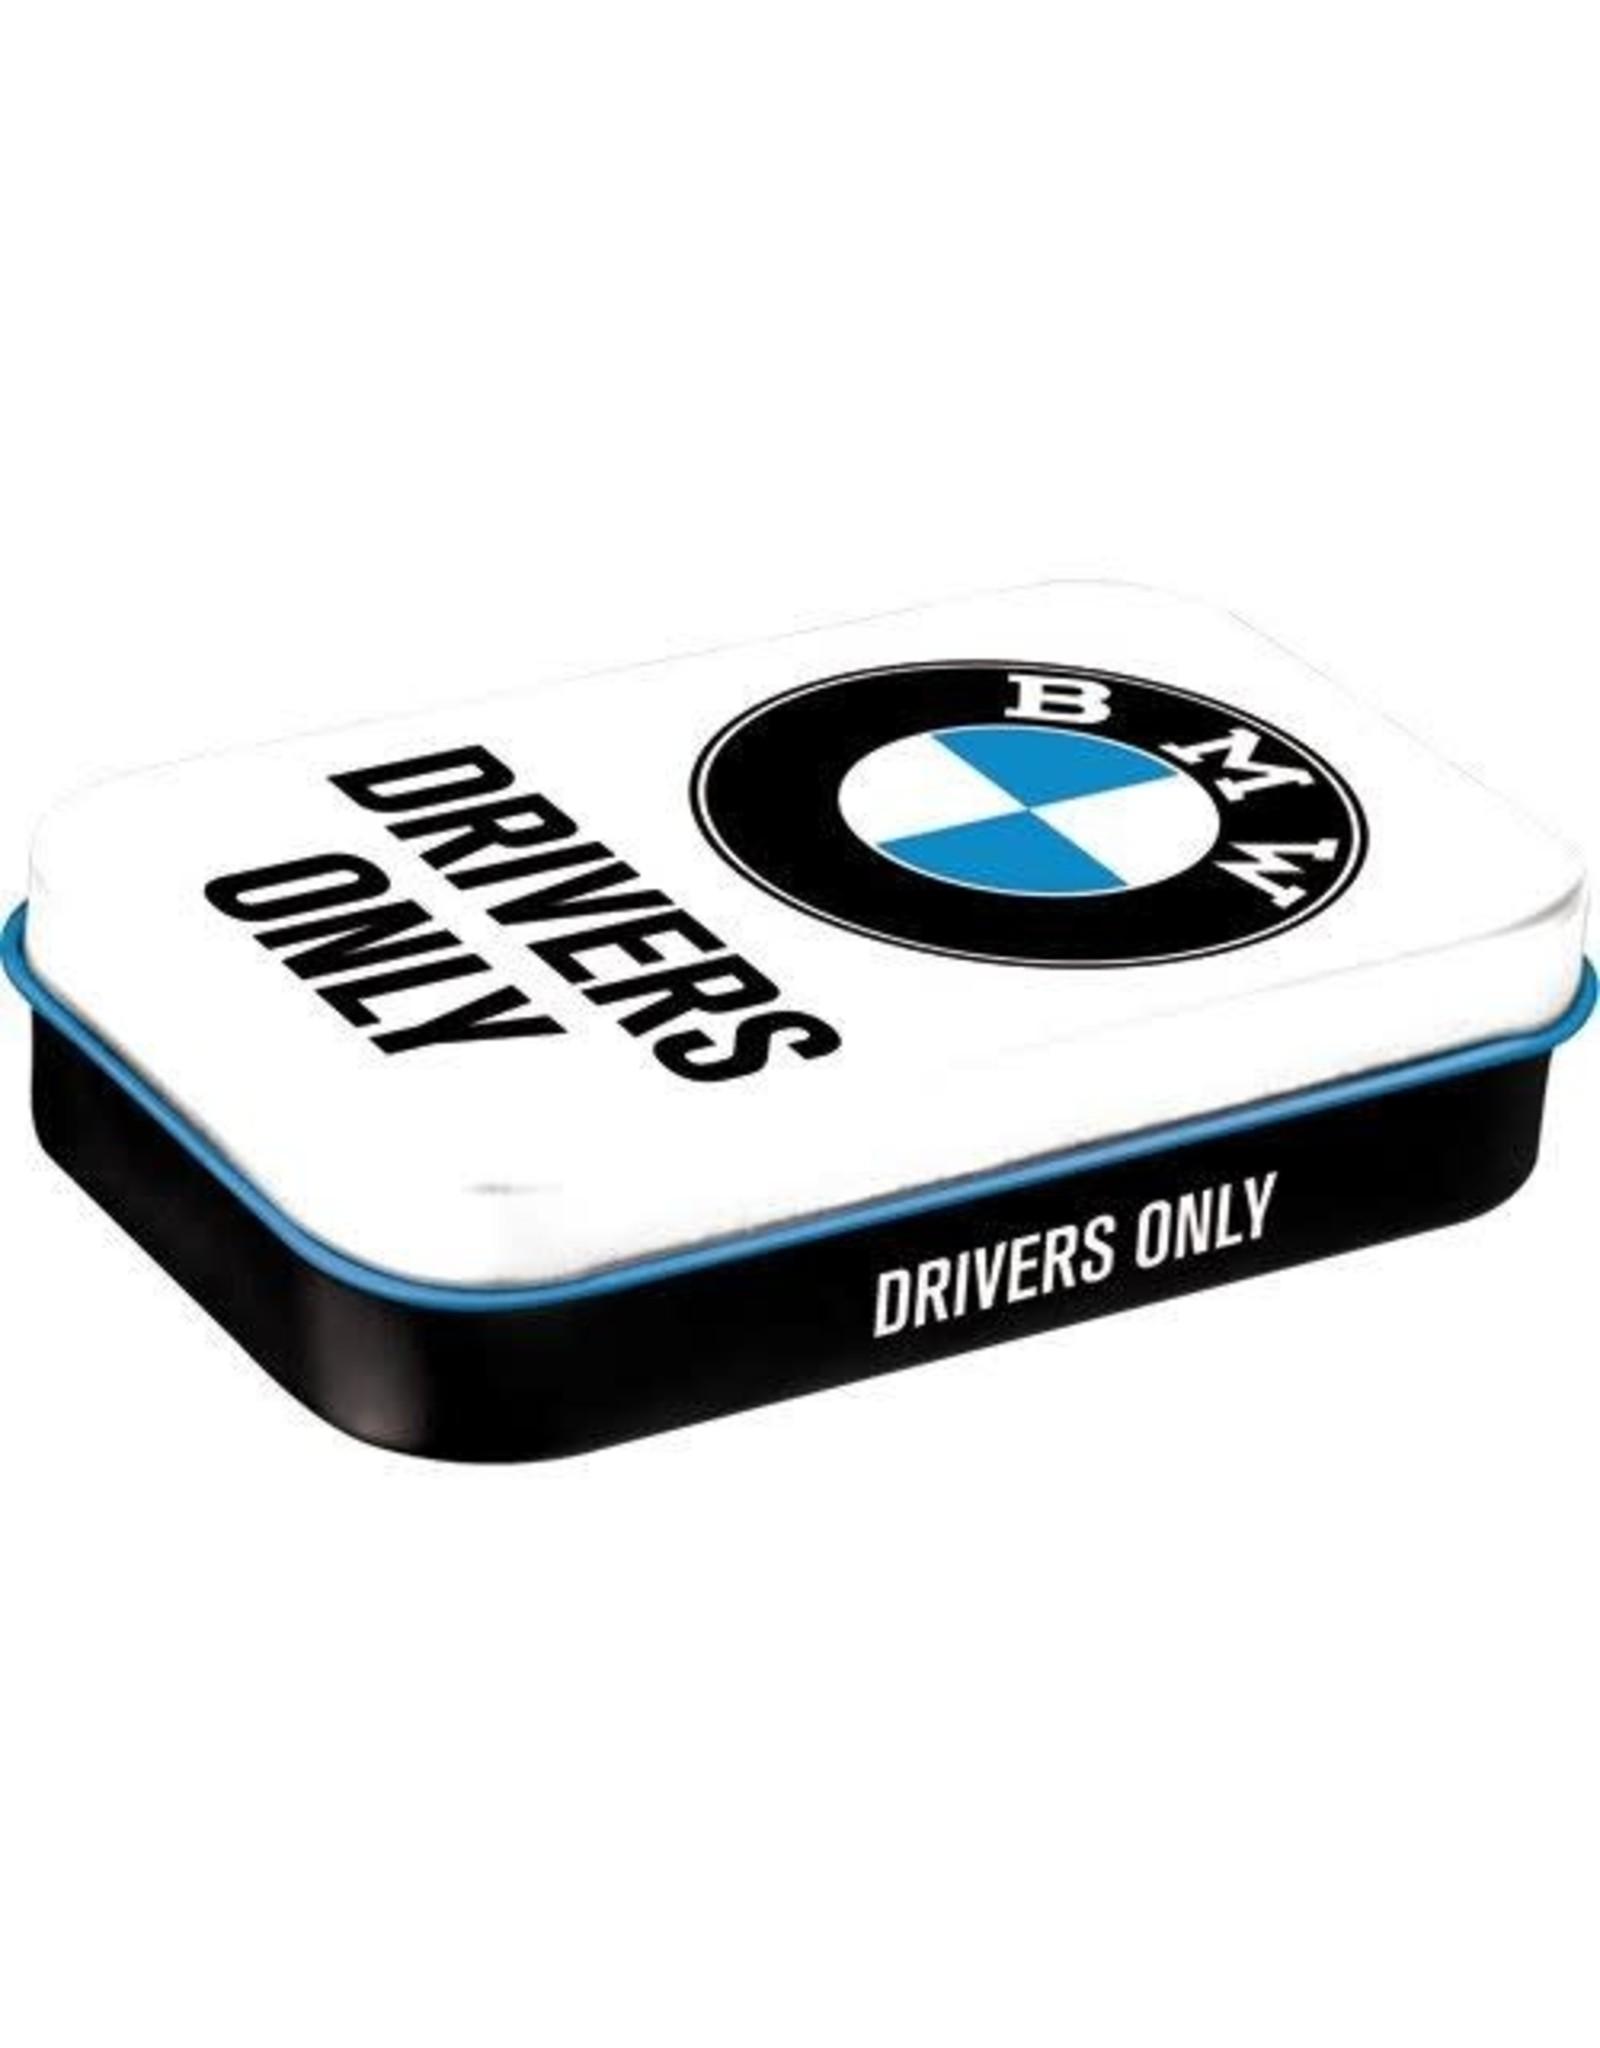 mint box - XL - BMW drivers only